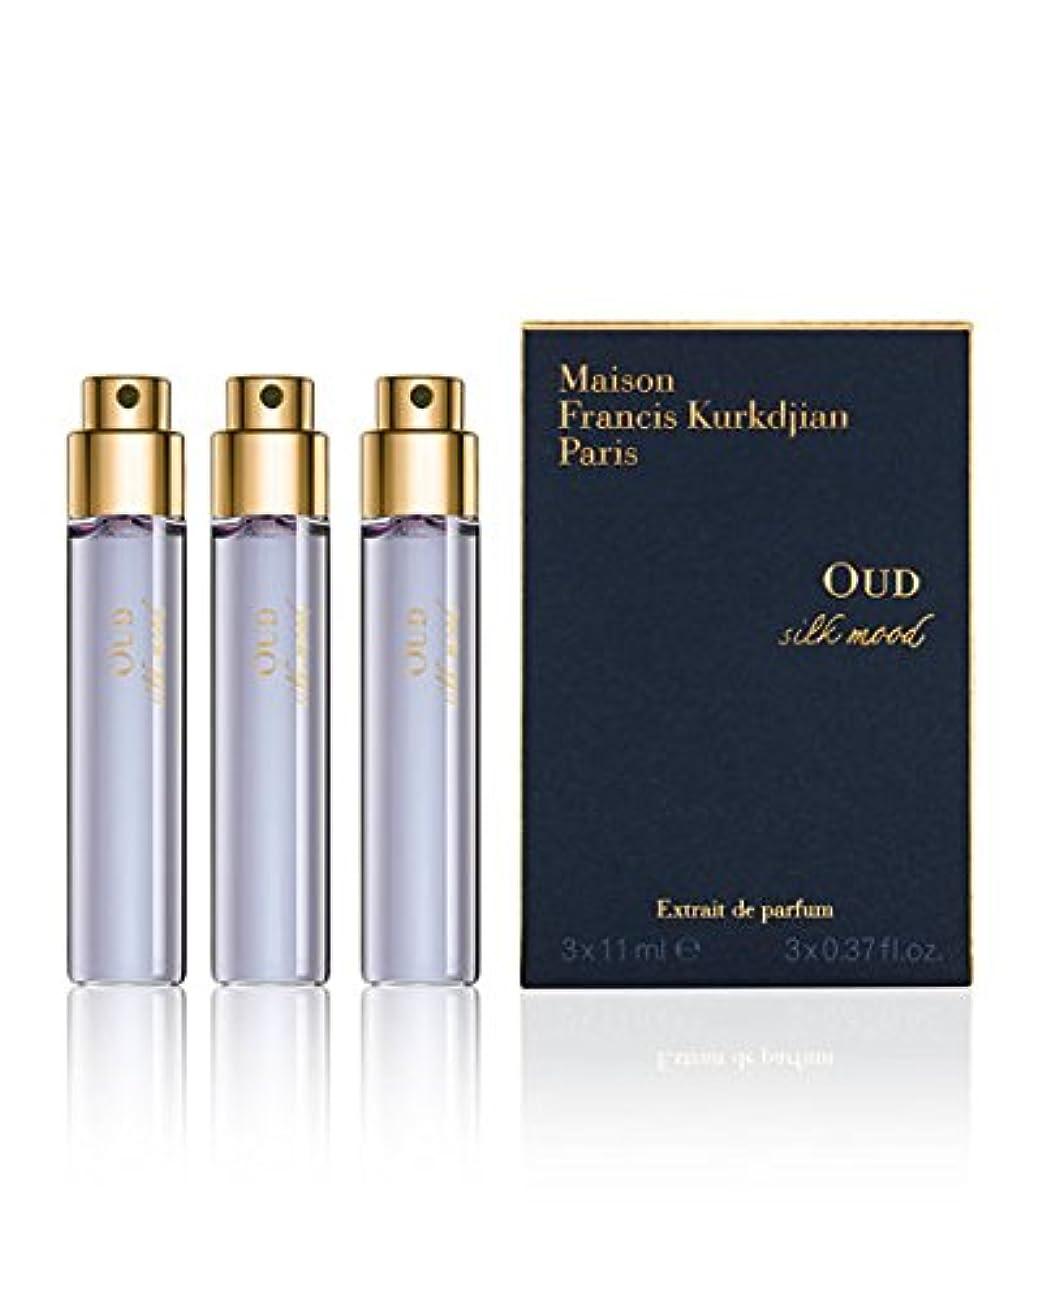 怪物宮殿プレートMaison Francis Kurkdjian OUD silk mood (メゾン フランシス クルジャン ウード シルク モッド) EDP Spray Refill 0.37 oz (11ml) x 3個 EDP Spray Refill